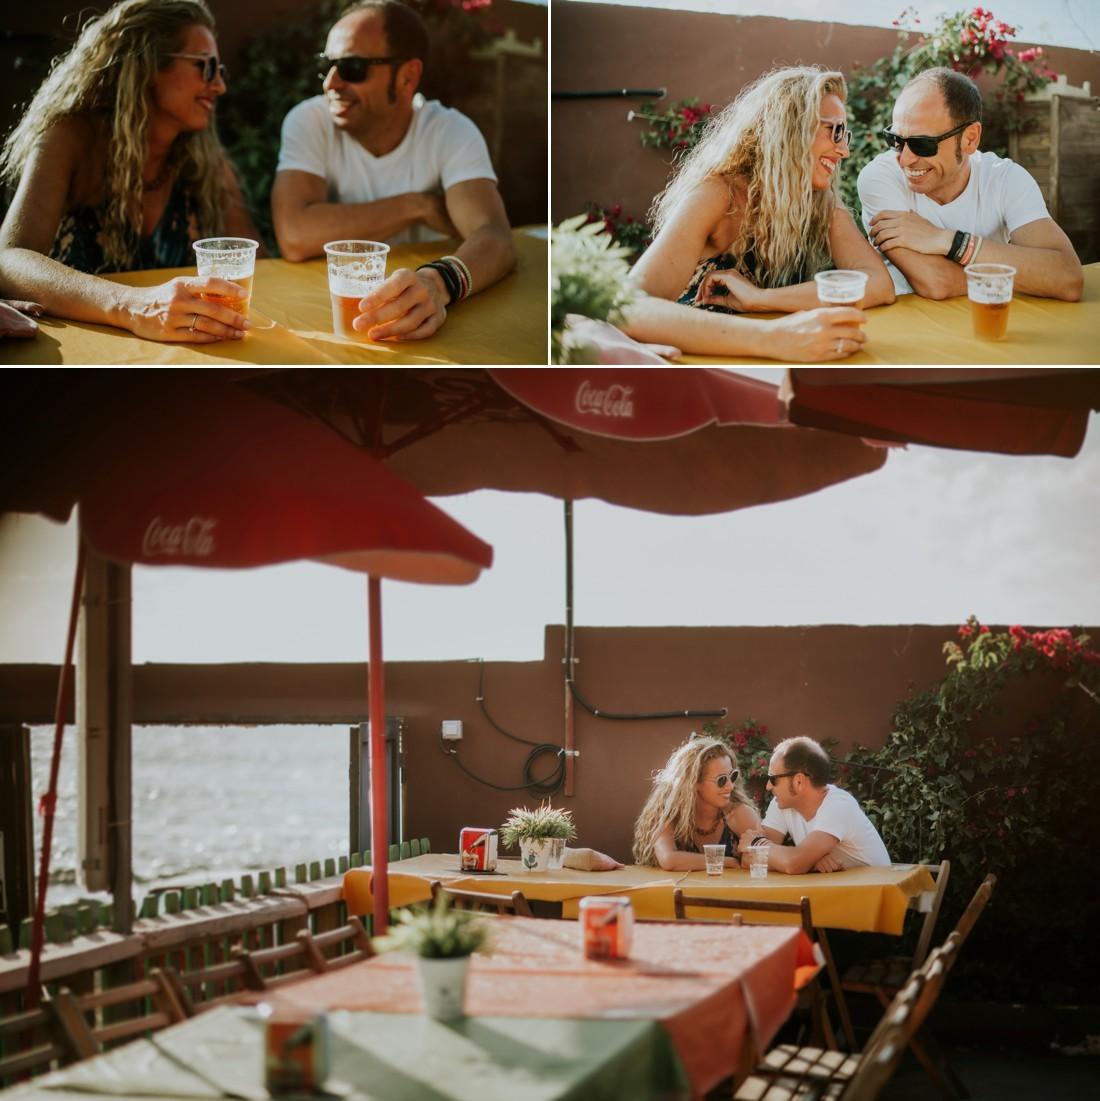 fotografo-tenerife-preboda-finca makay-boda-0001